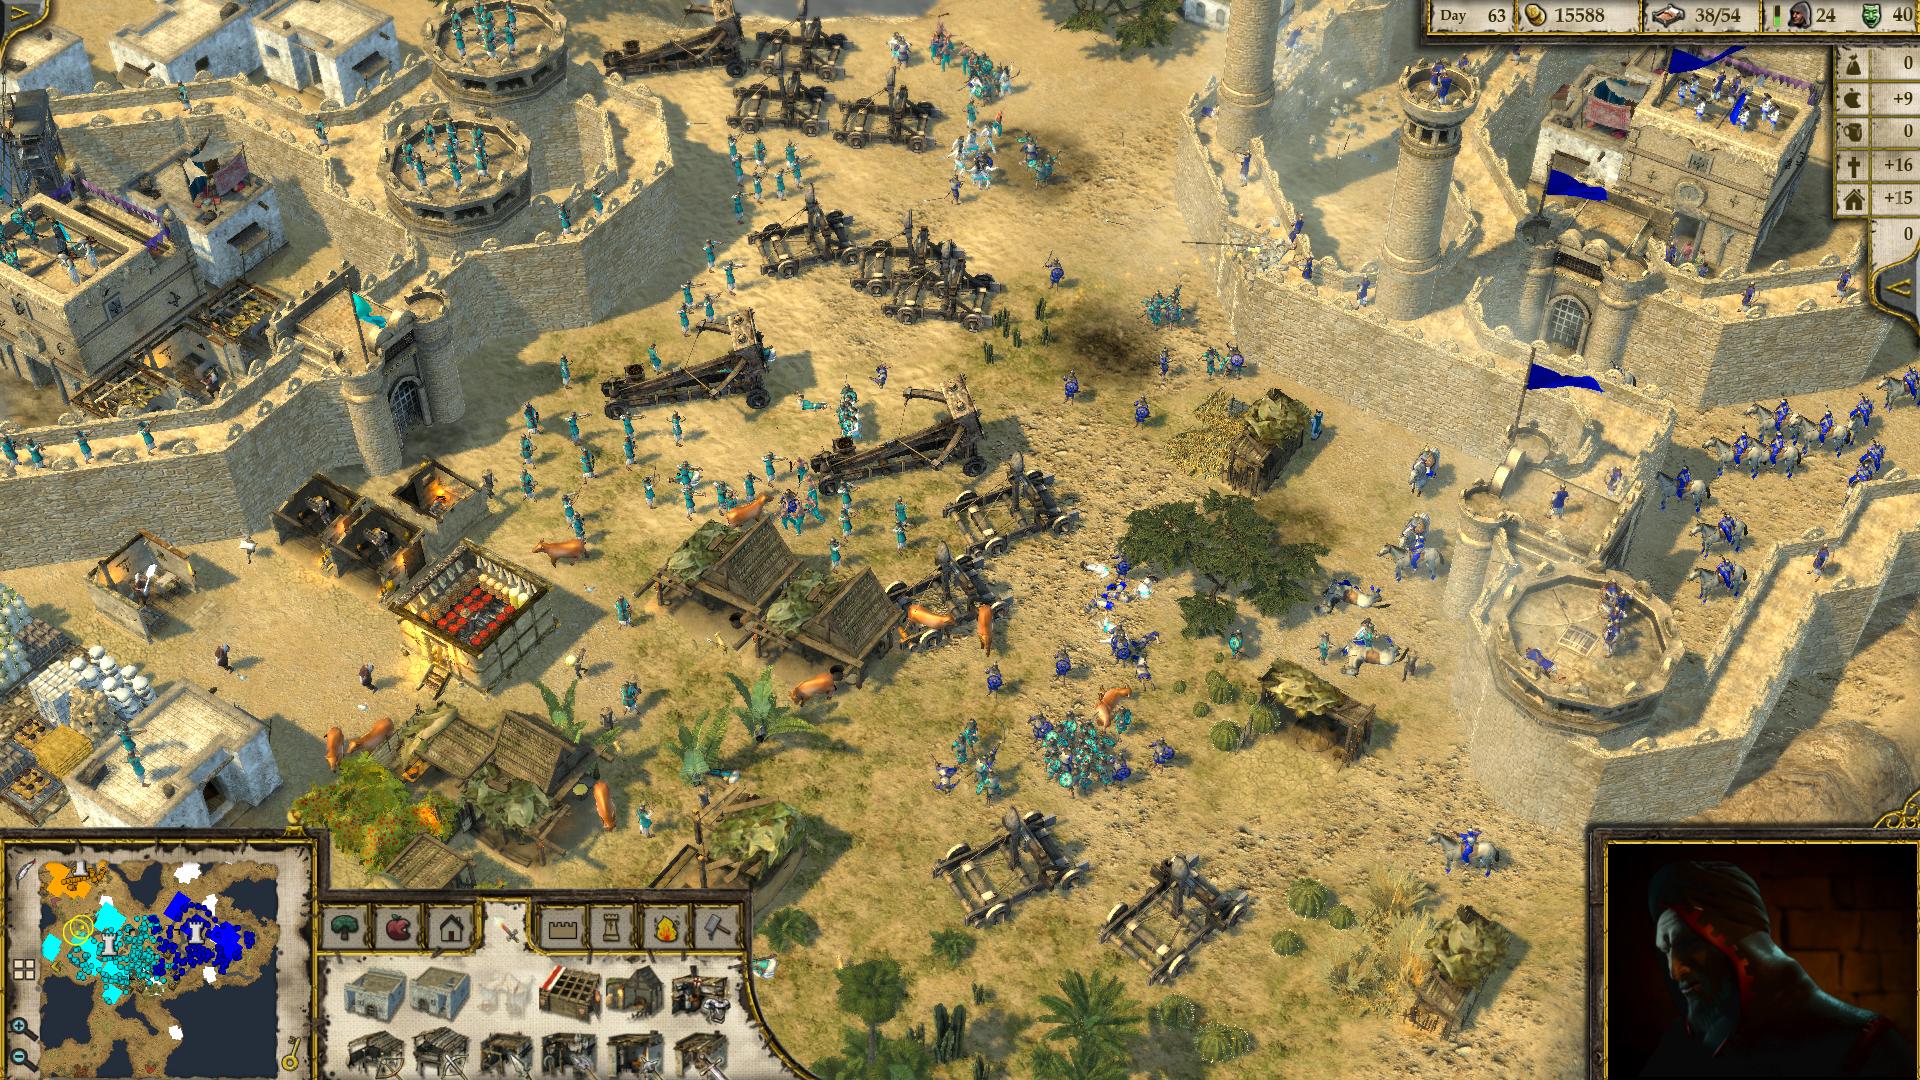 stronghold crusader 2 complet gratuit utorrent